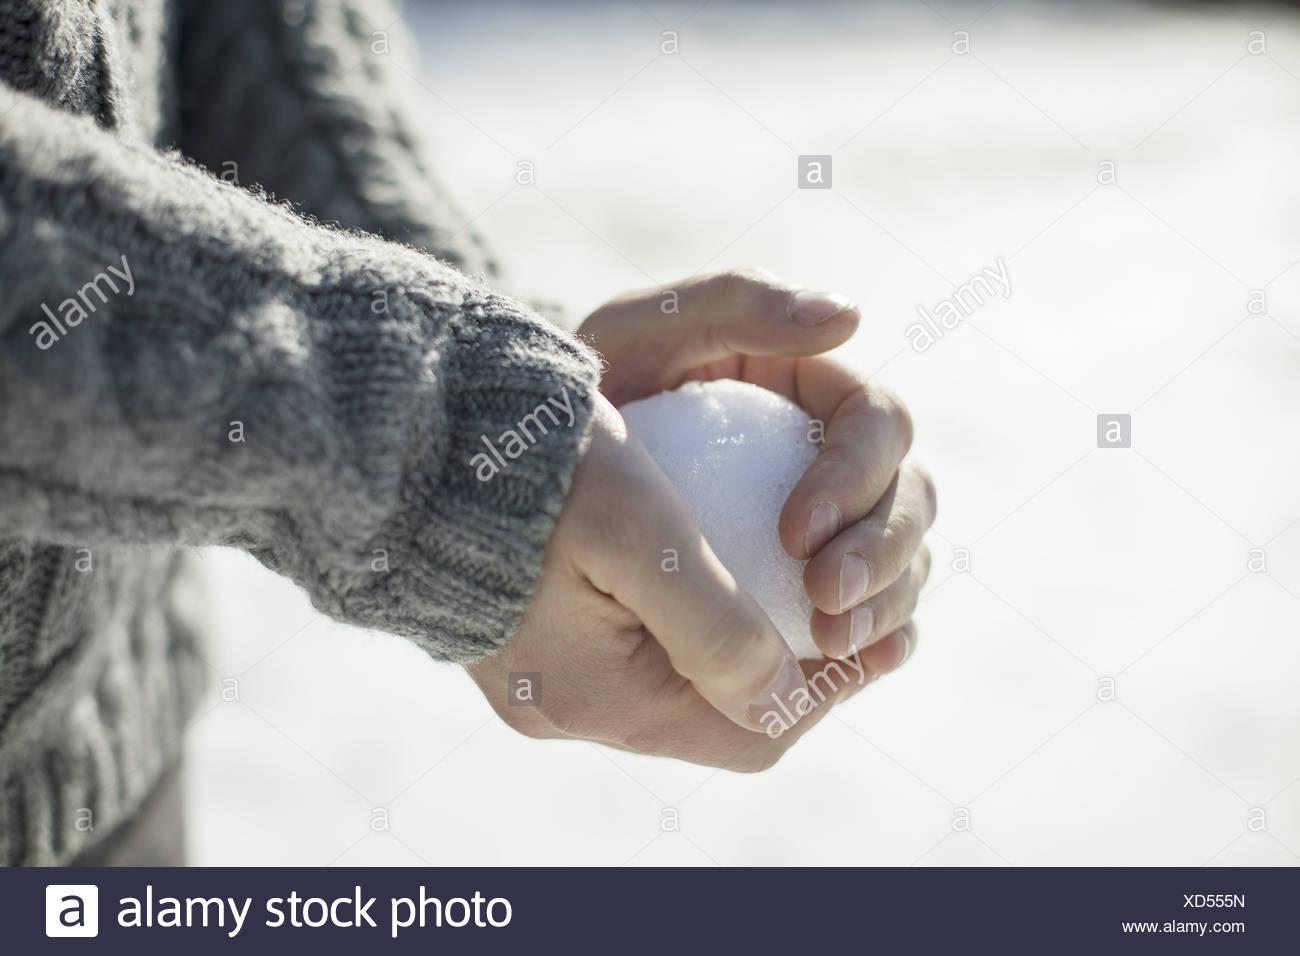 Un homme tenant une boule de grande taille dans ses mains nues. Photo Stock